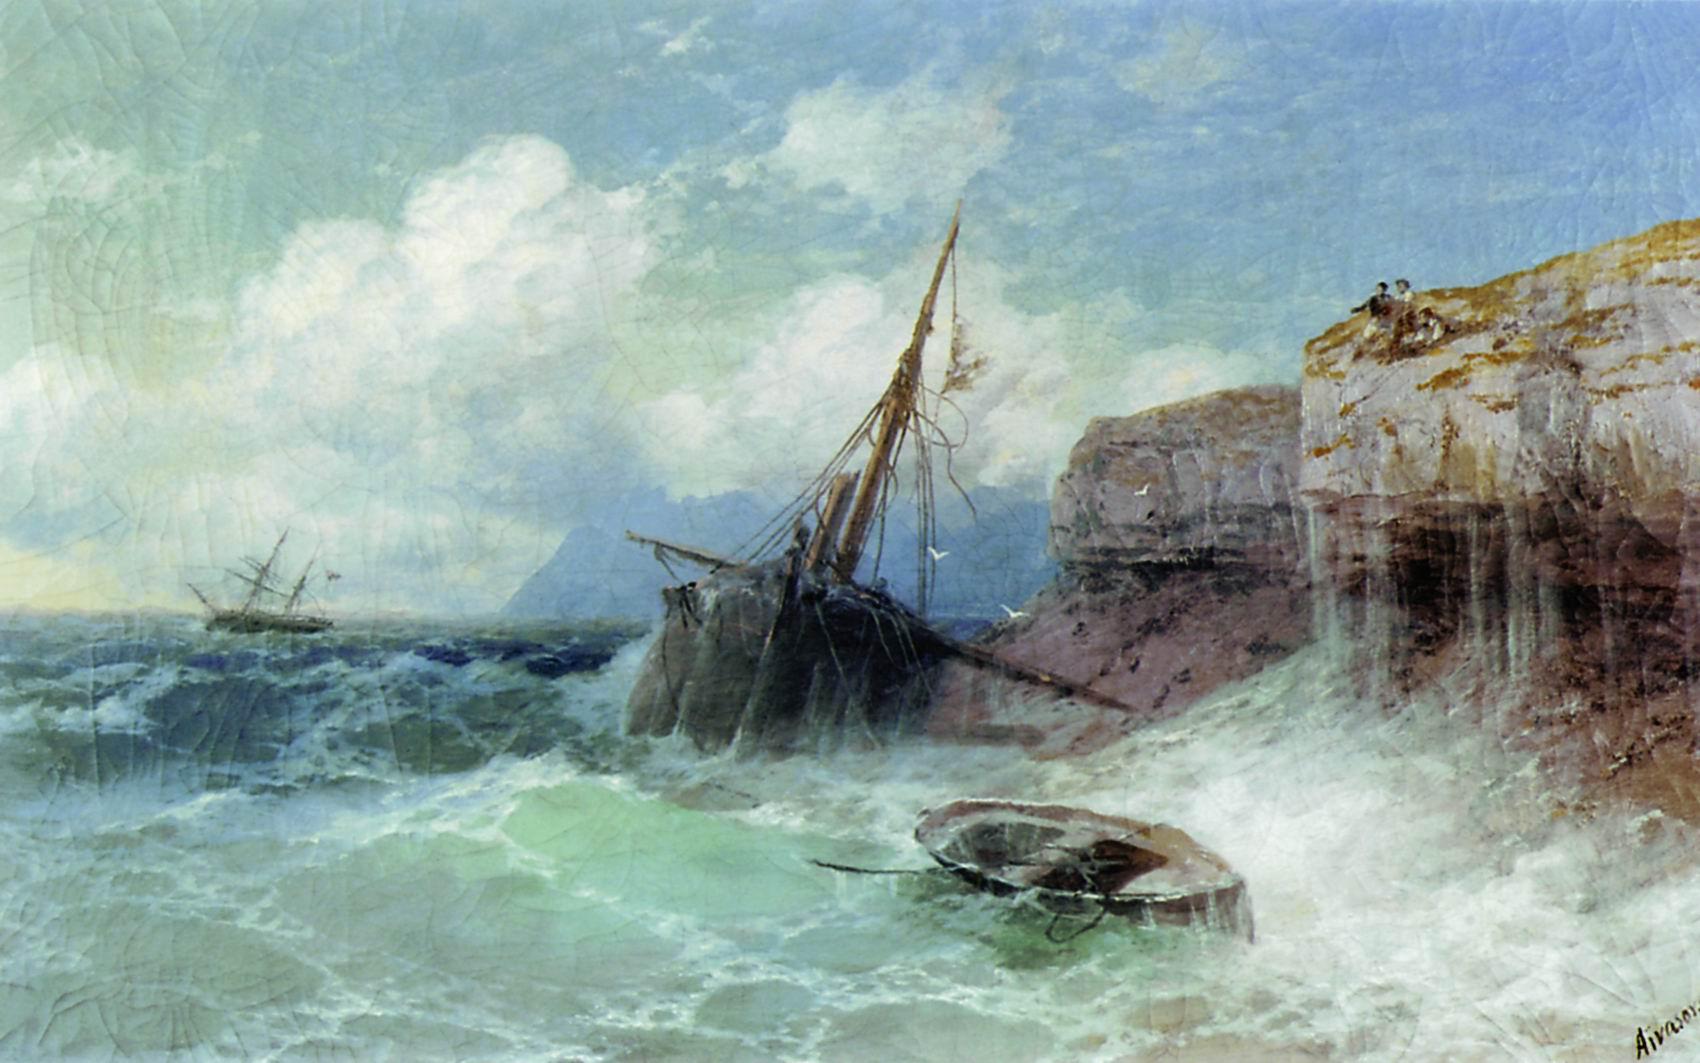 Айвазовский. Буря на море. 1880